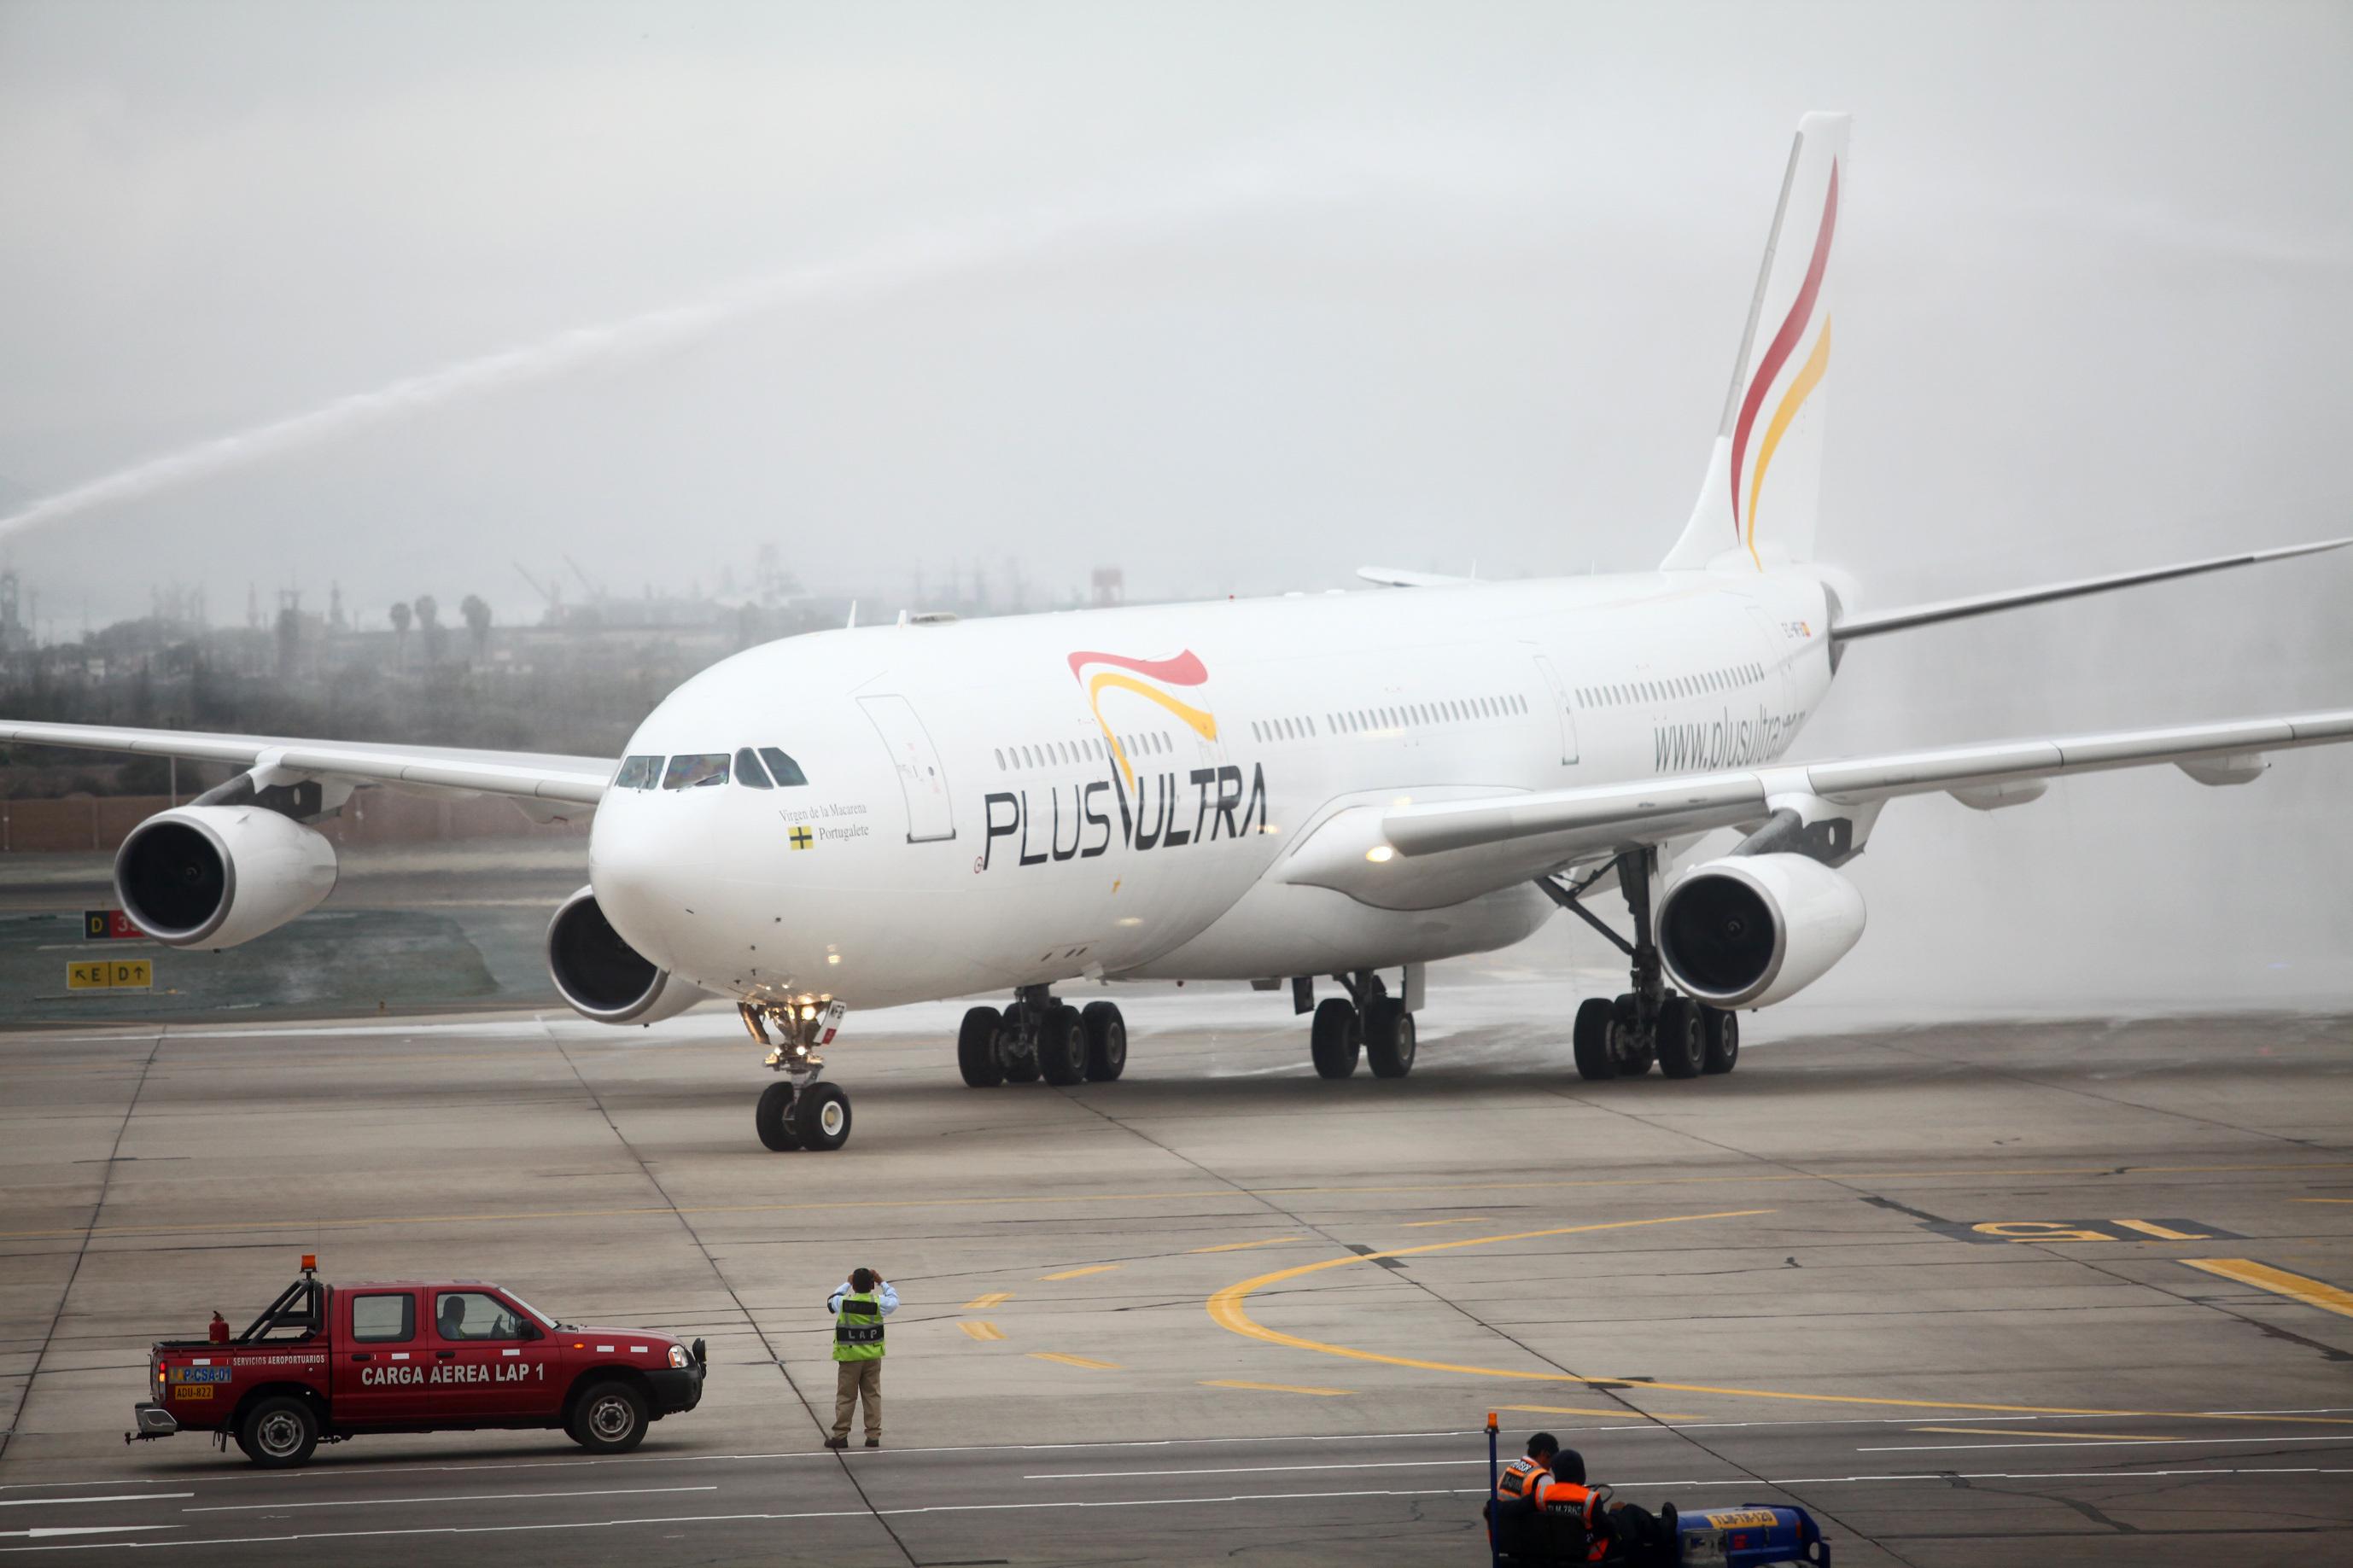 Un avión de la aerolínea Plus Ultra.